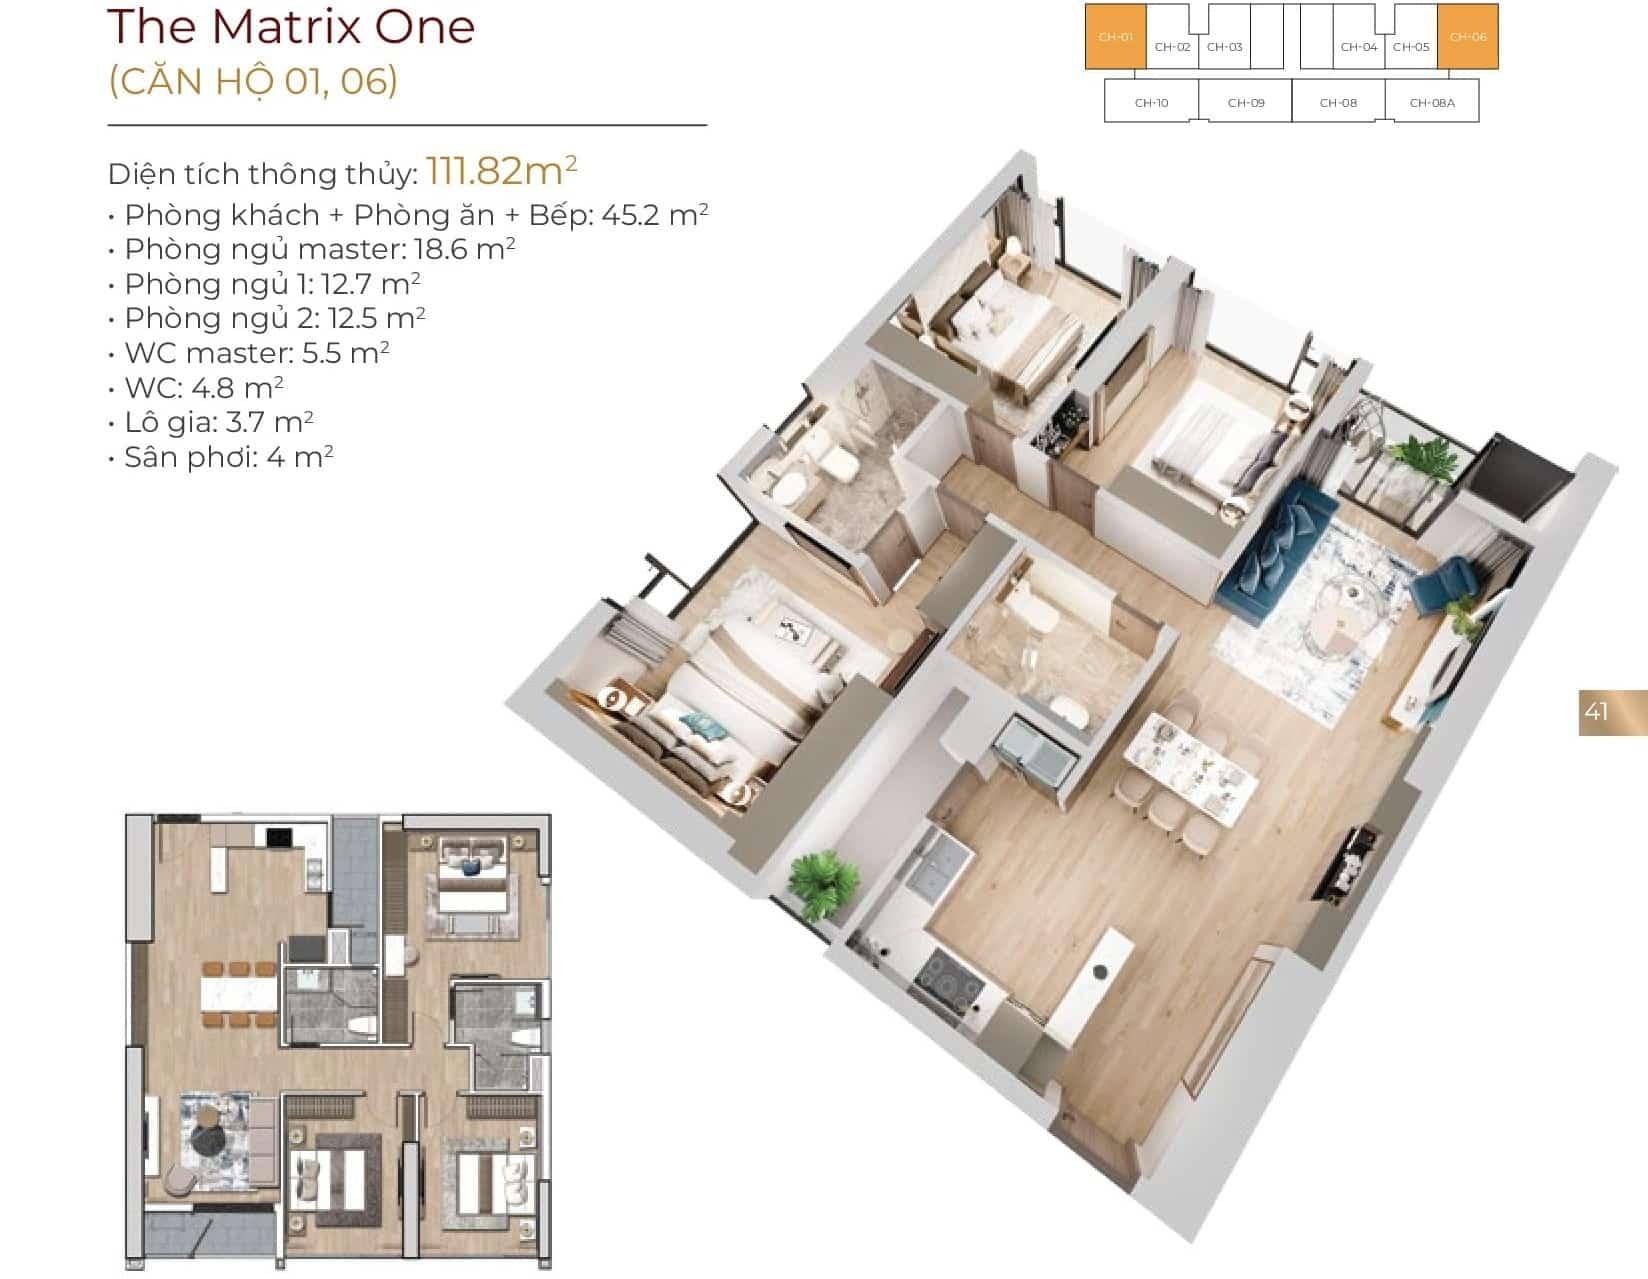 Thiết kế căn hộ 01, 06